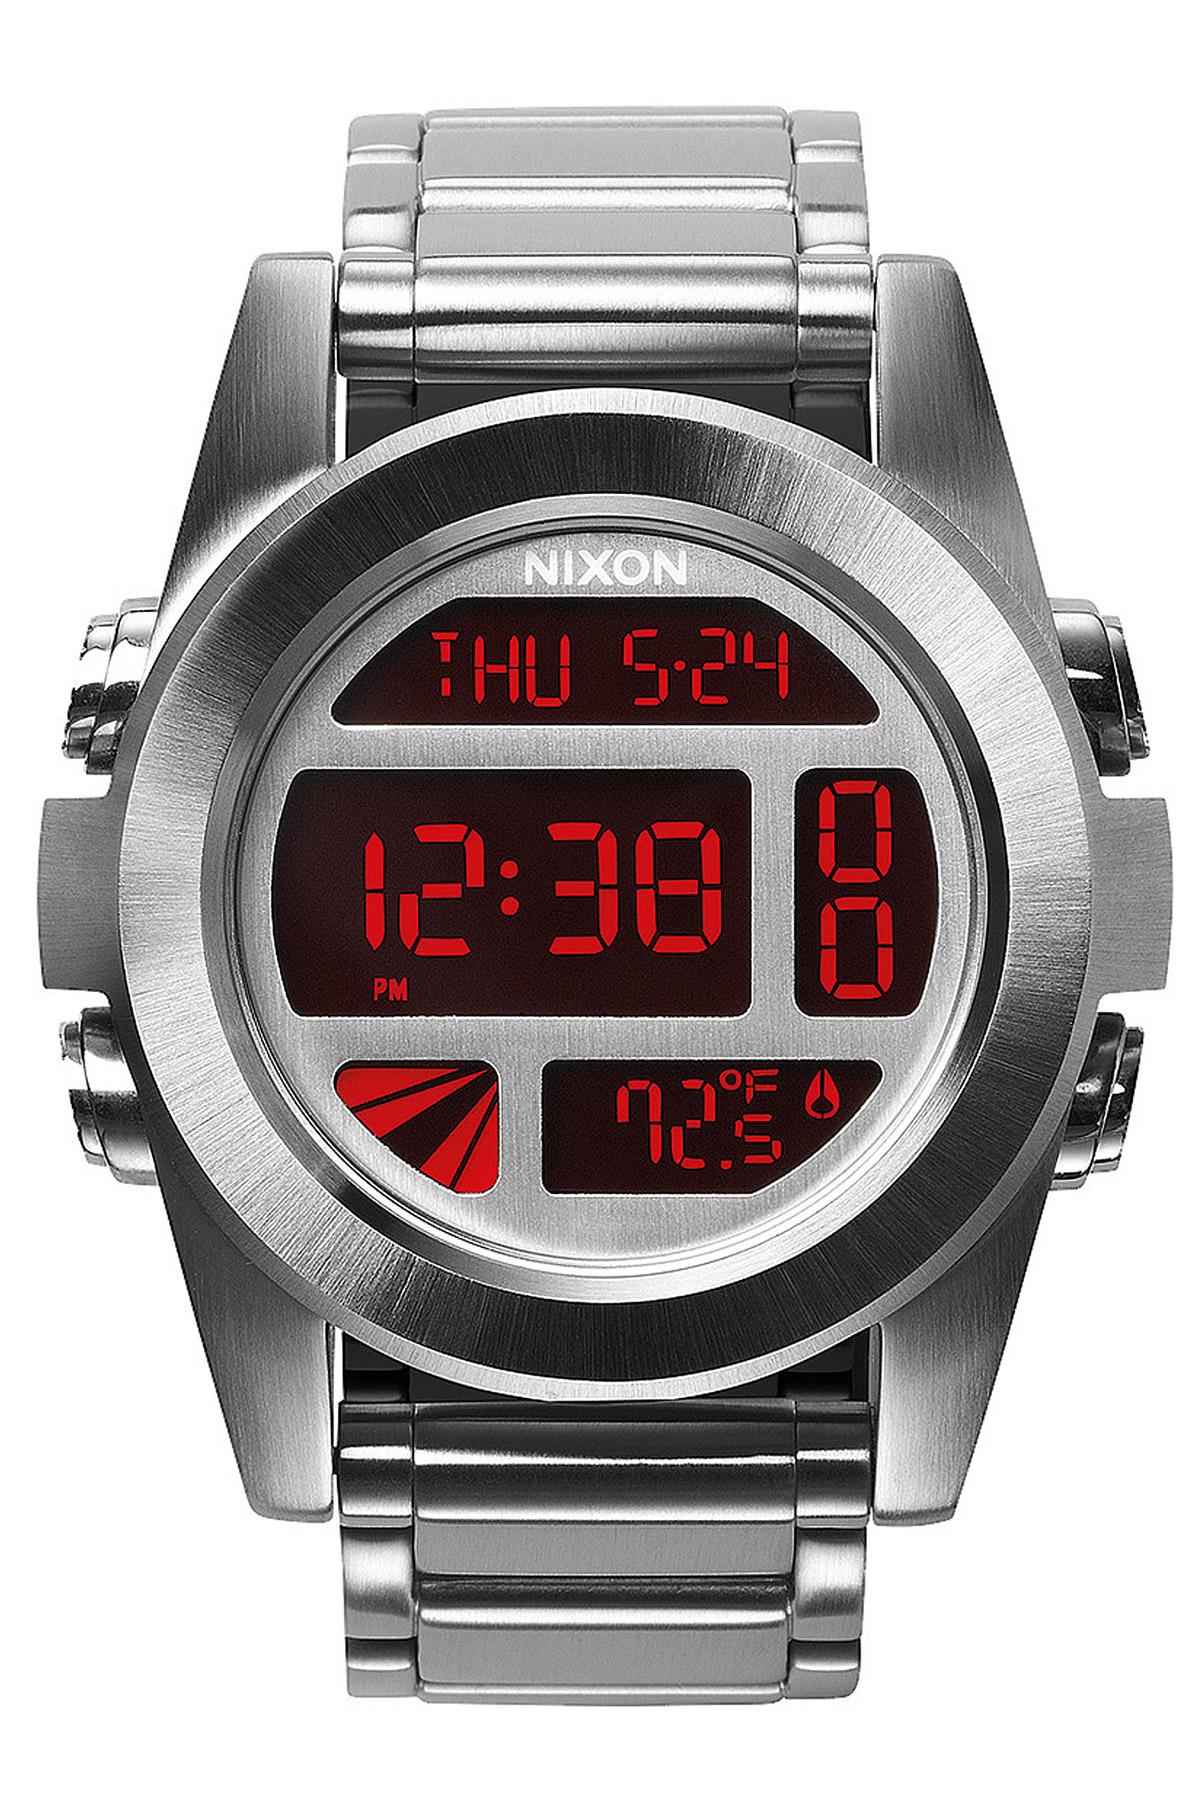 91305_0_Nixon_TheUnitSS Elegantes Uhr Mit Temperaturanzeige Dekorationen